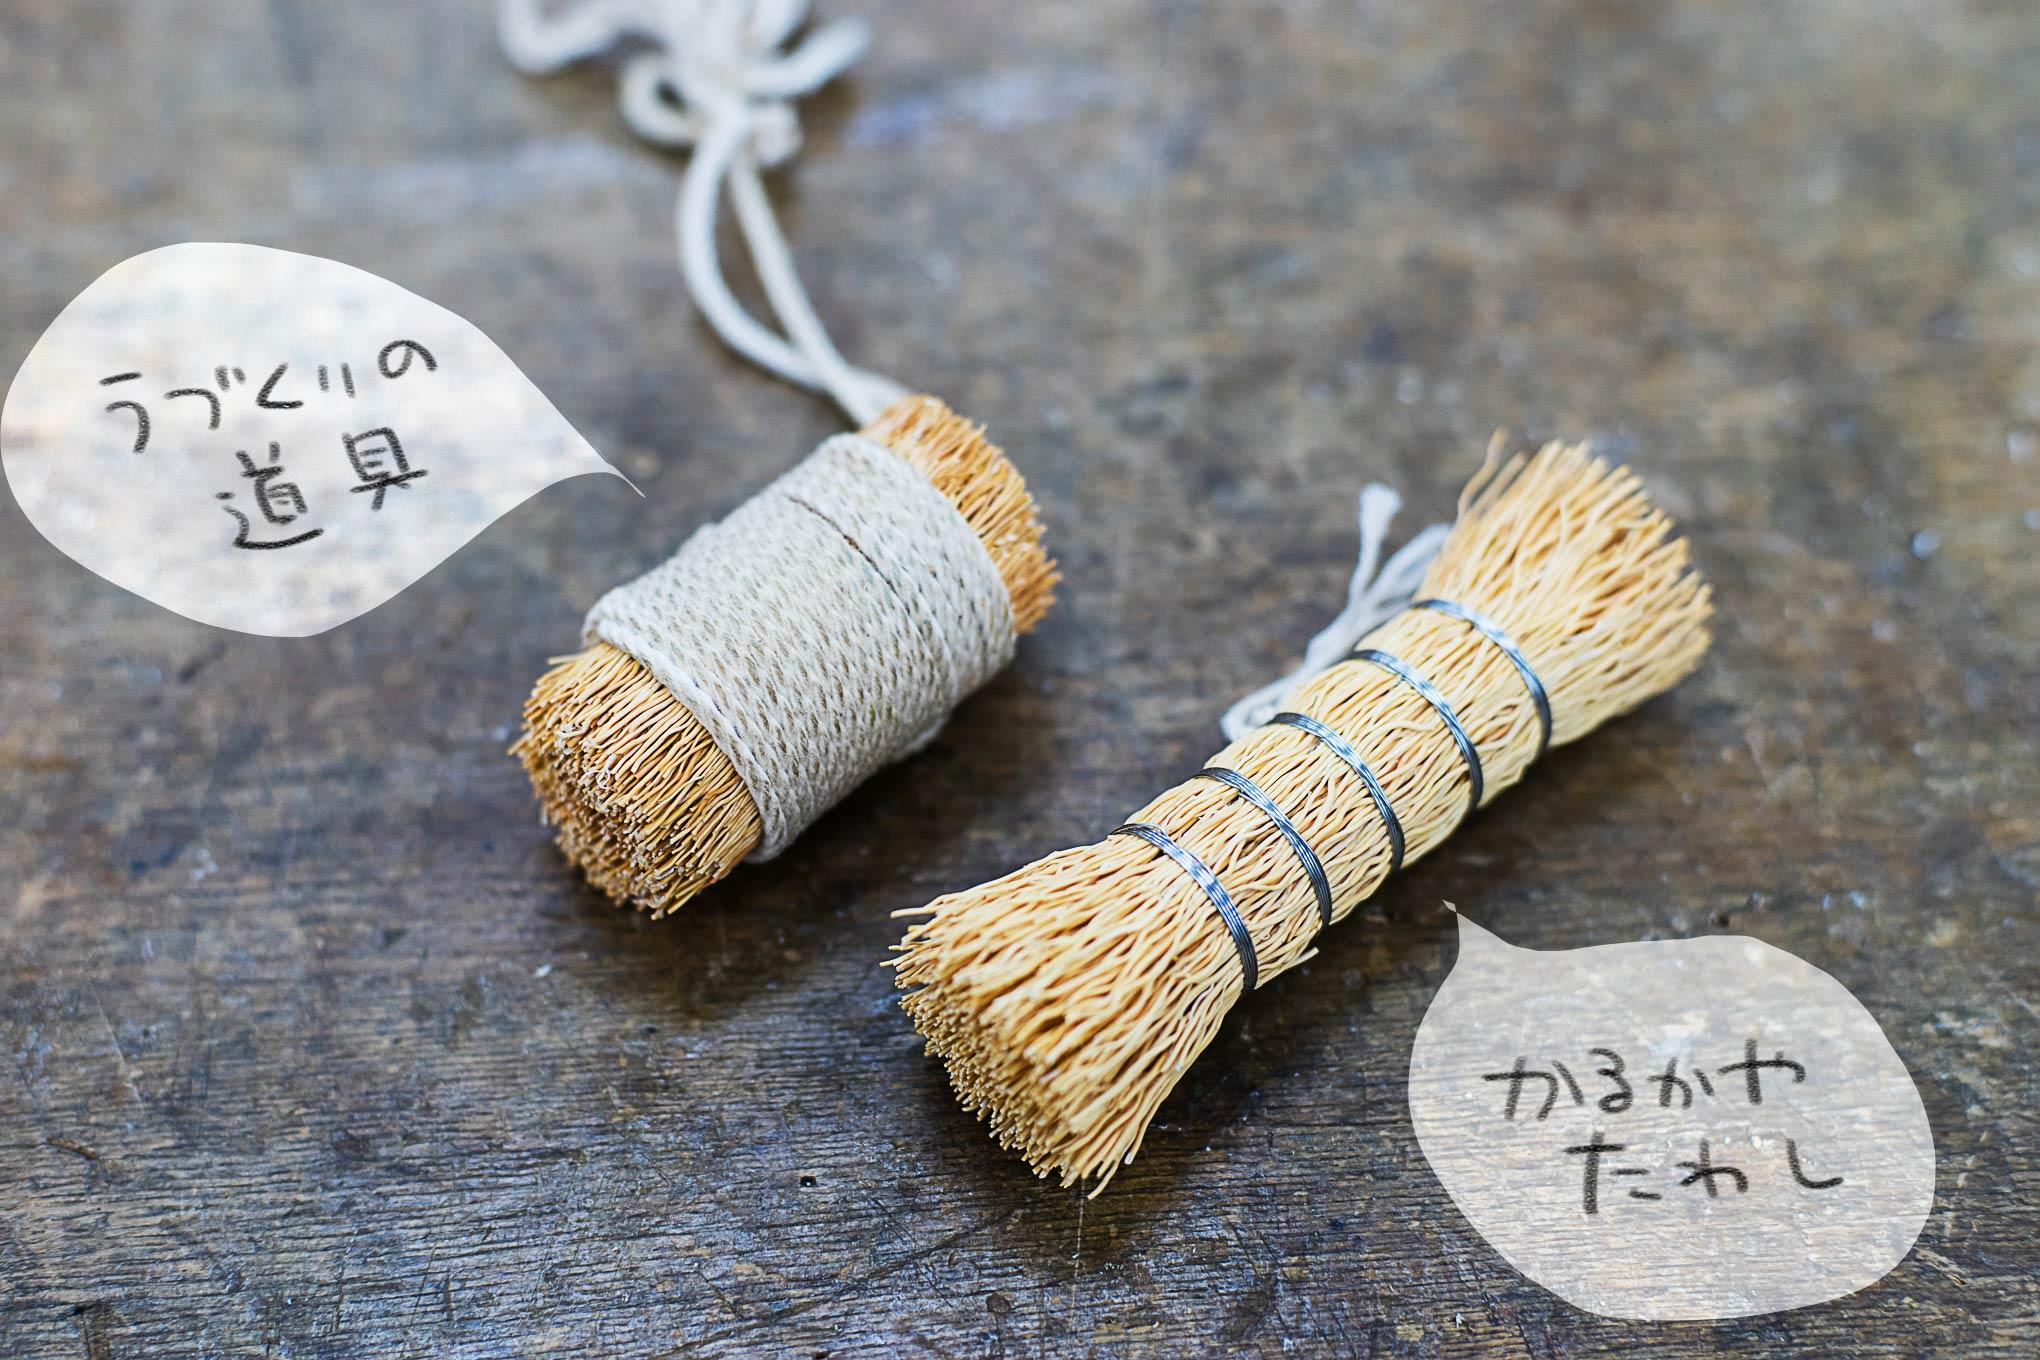 kamiyama-magewappa-cutlerycase-sample-46-2